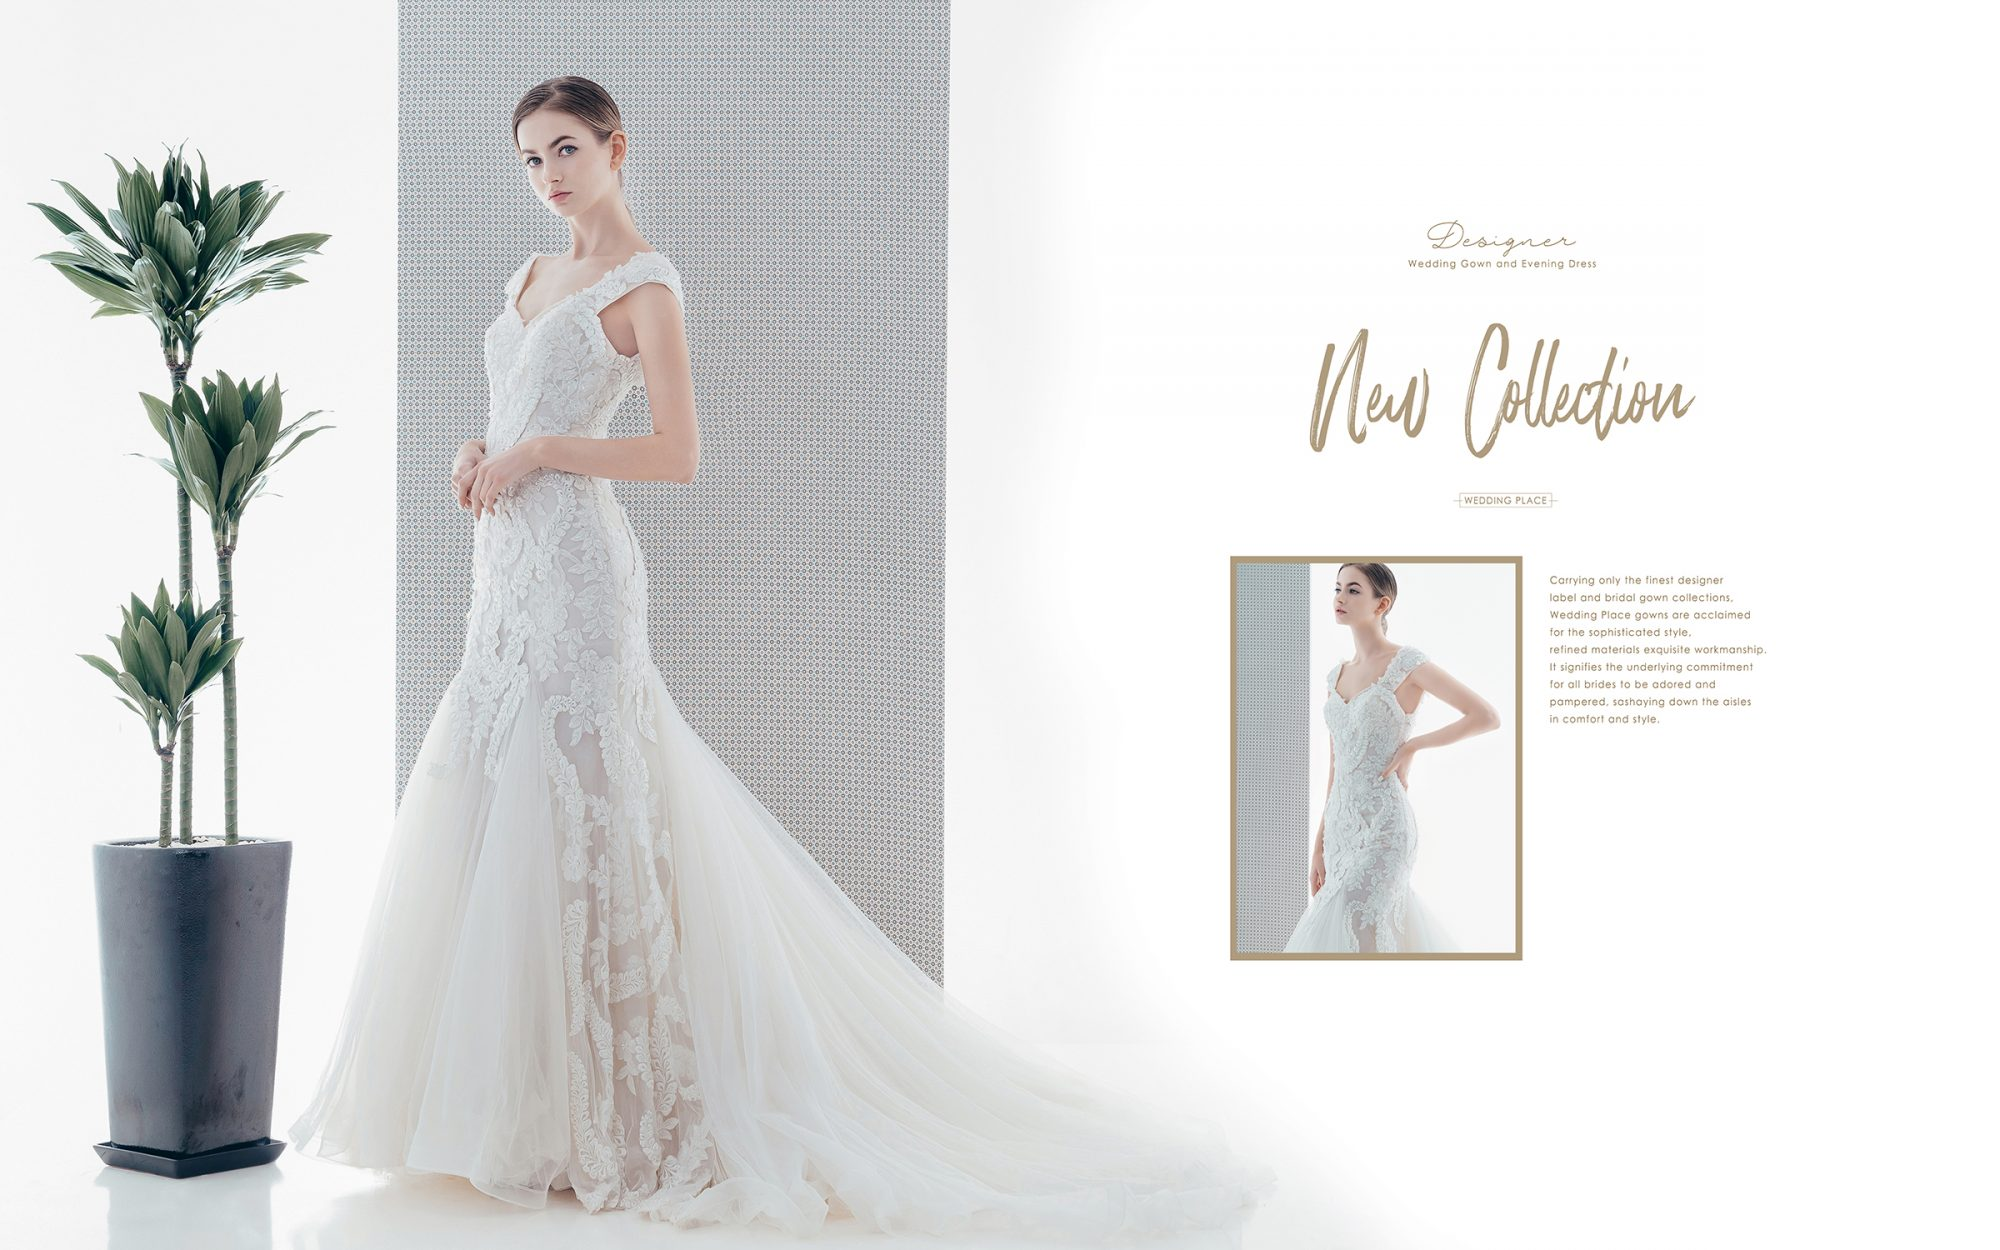 My Dream Wedding 2021 Wedding Gown Fashion Trend.